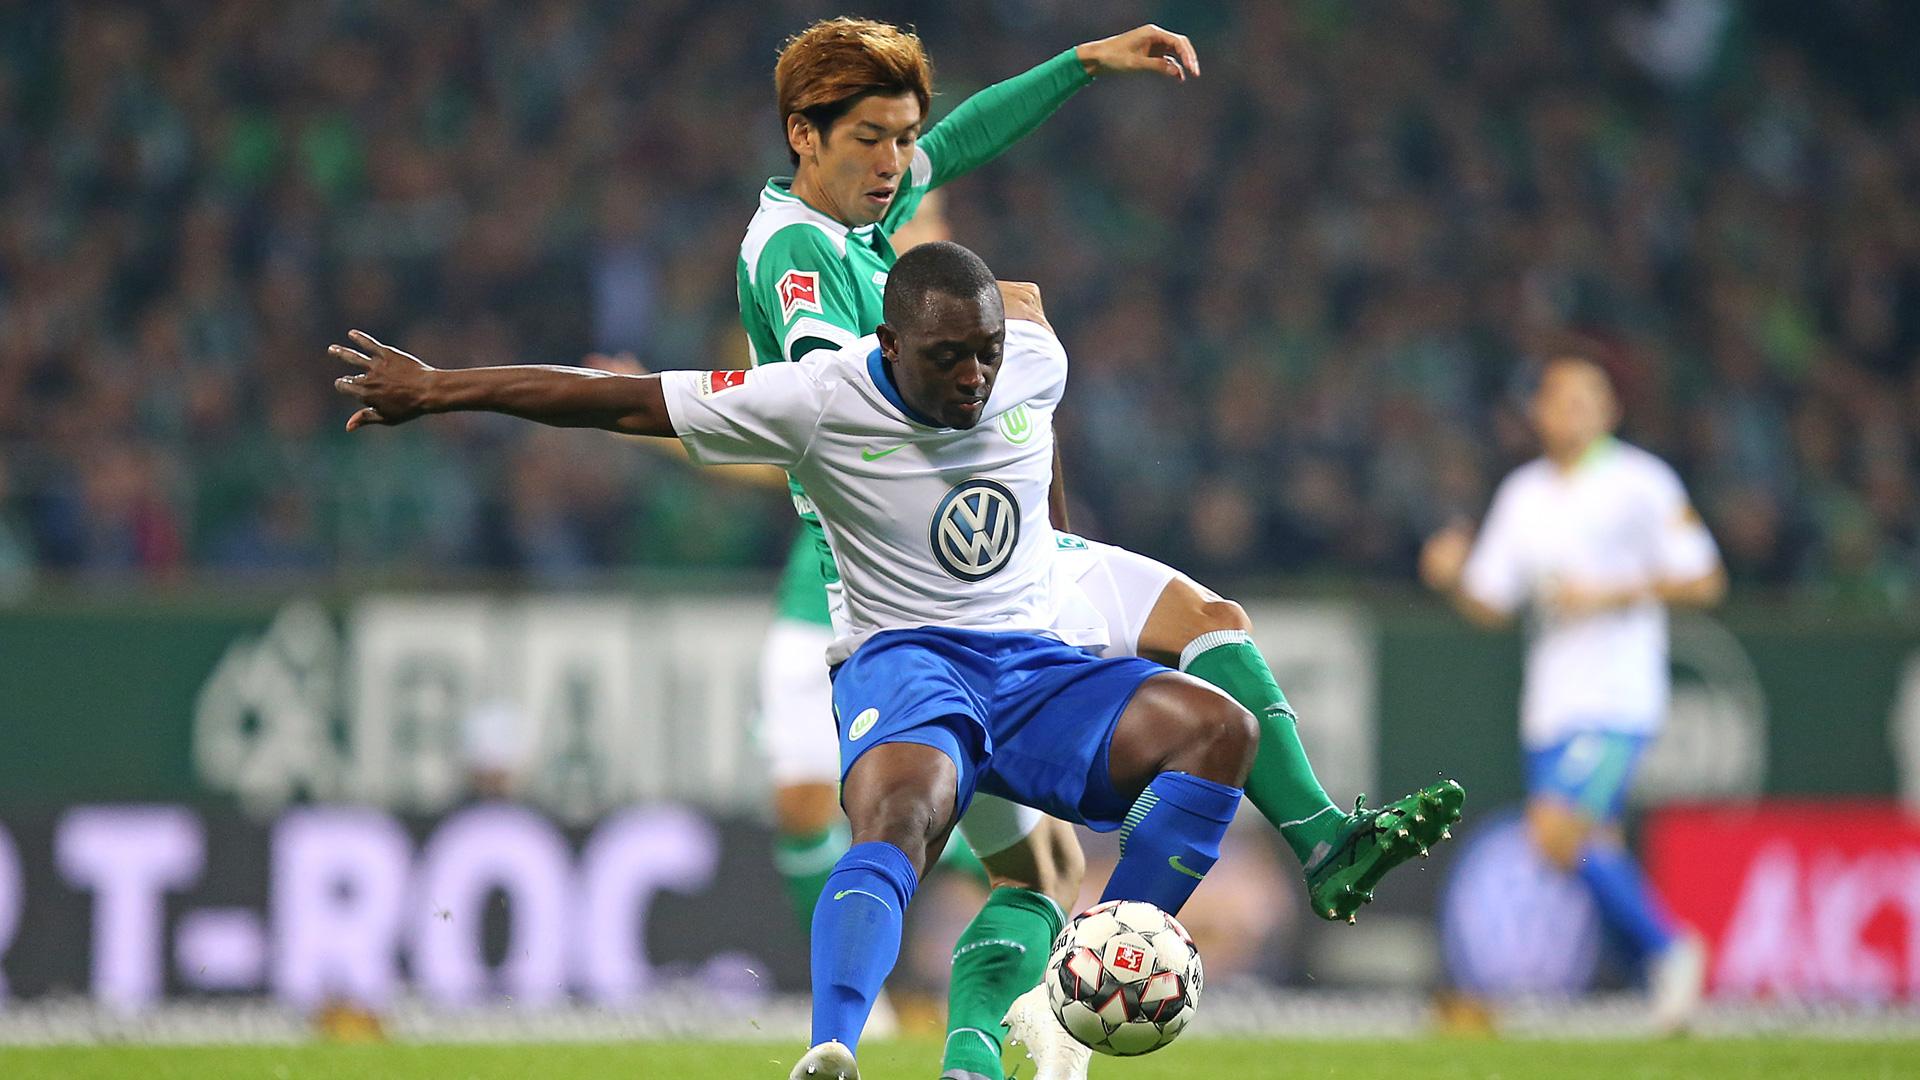 Osako Werder Bremen VfL Wolfsburg Roussilon